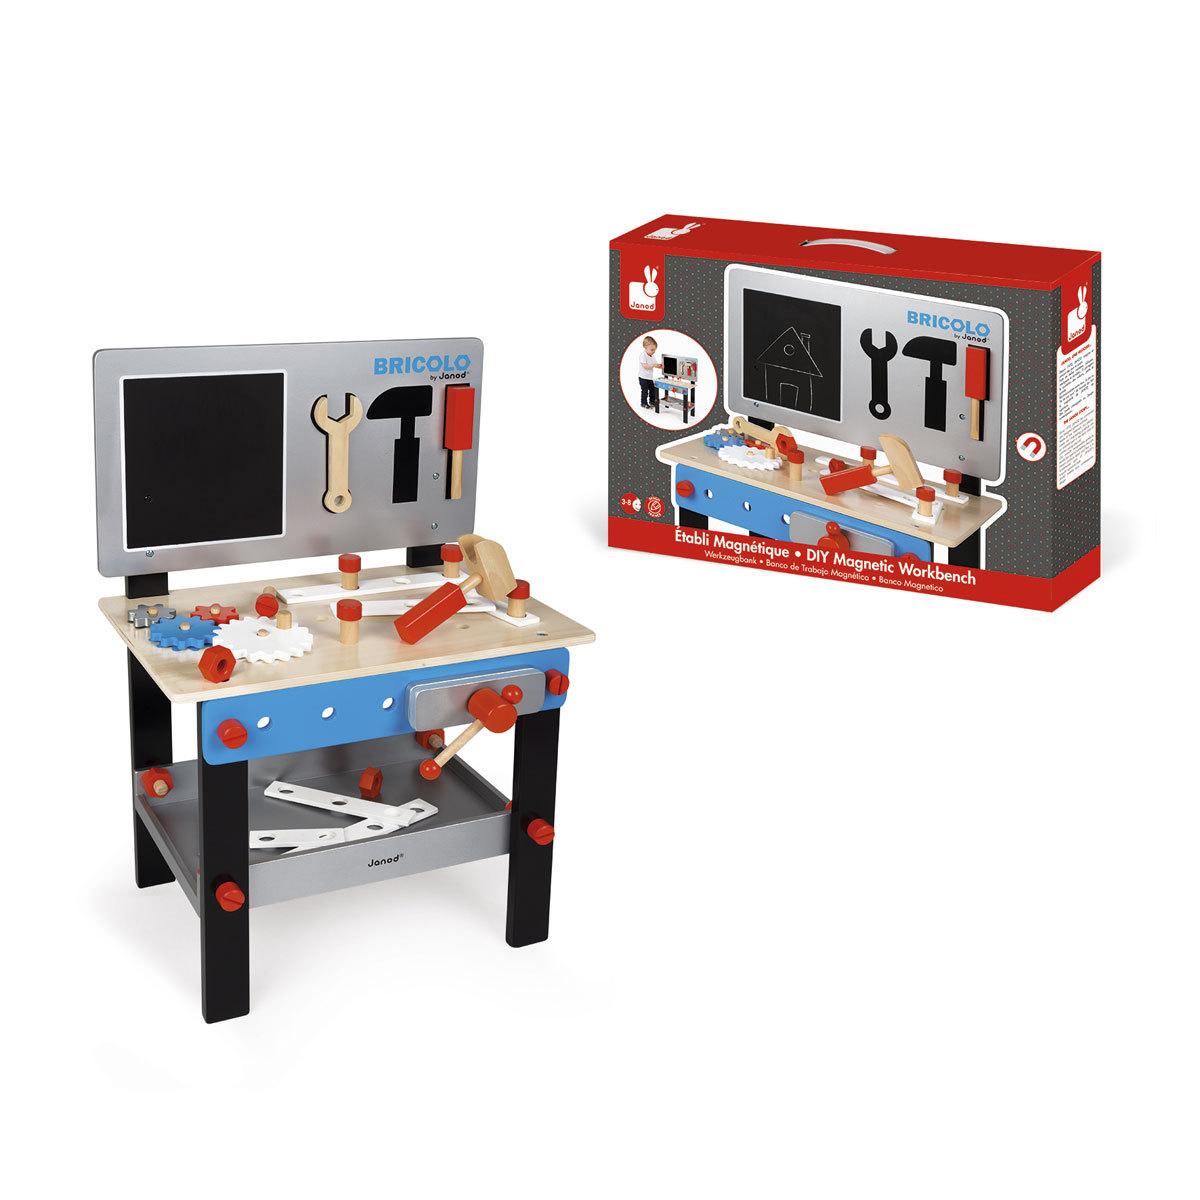 Mes premiers jouets Etabli Magnétique Etabli Magnétique